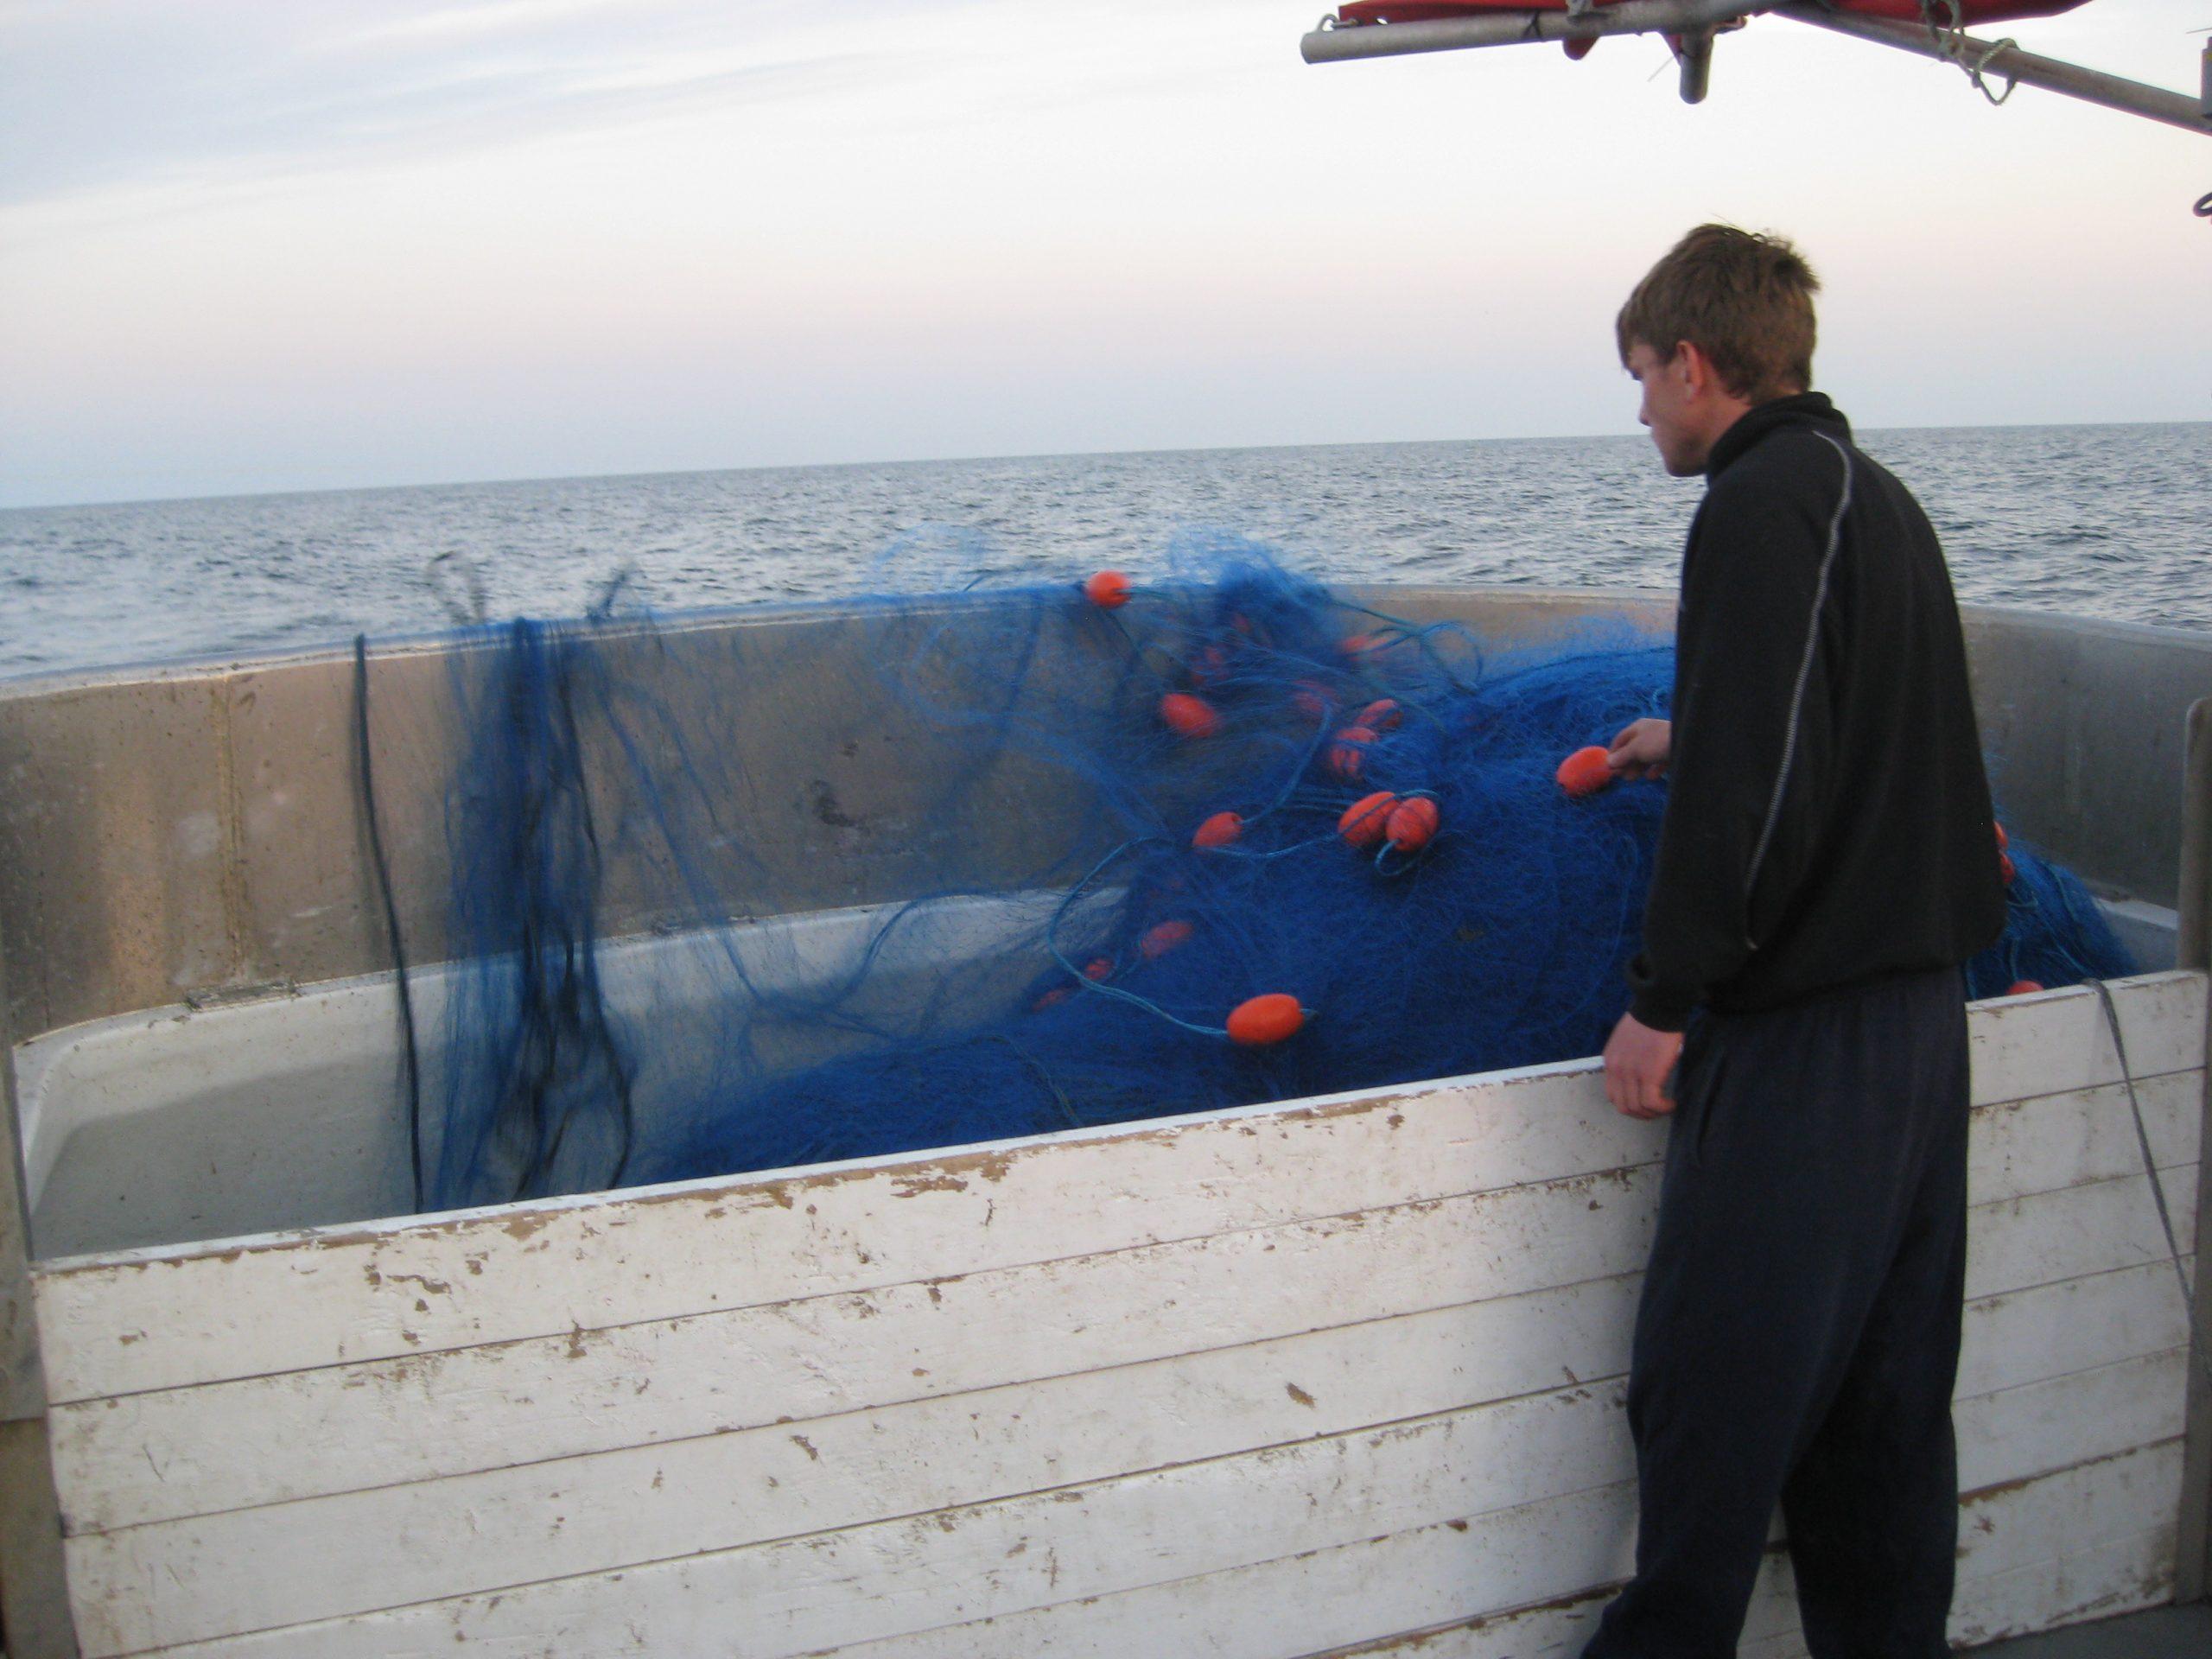 Makrillfiske